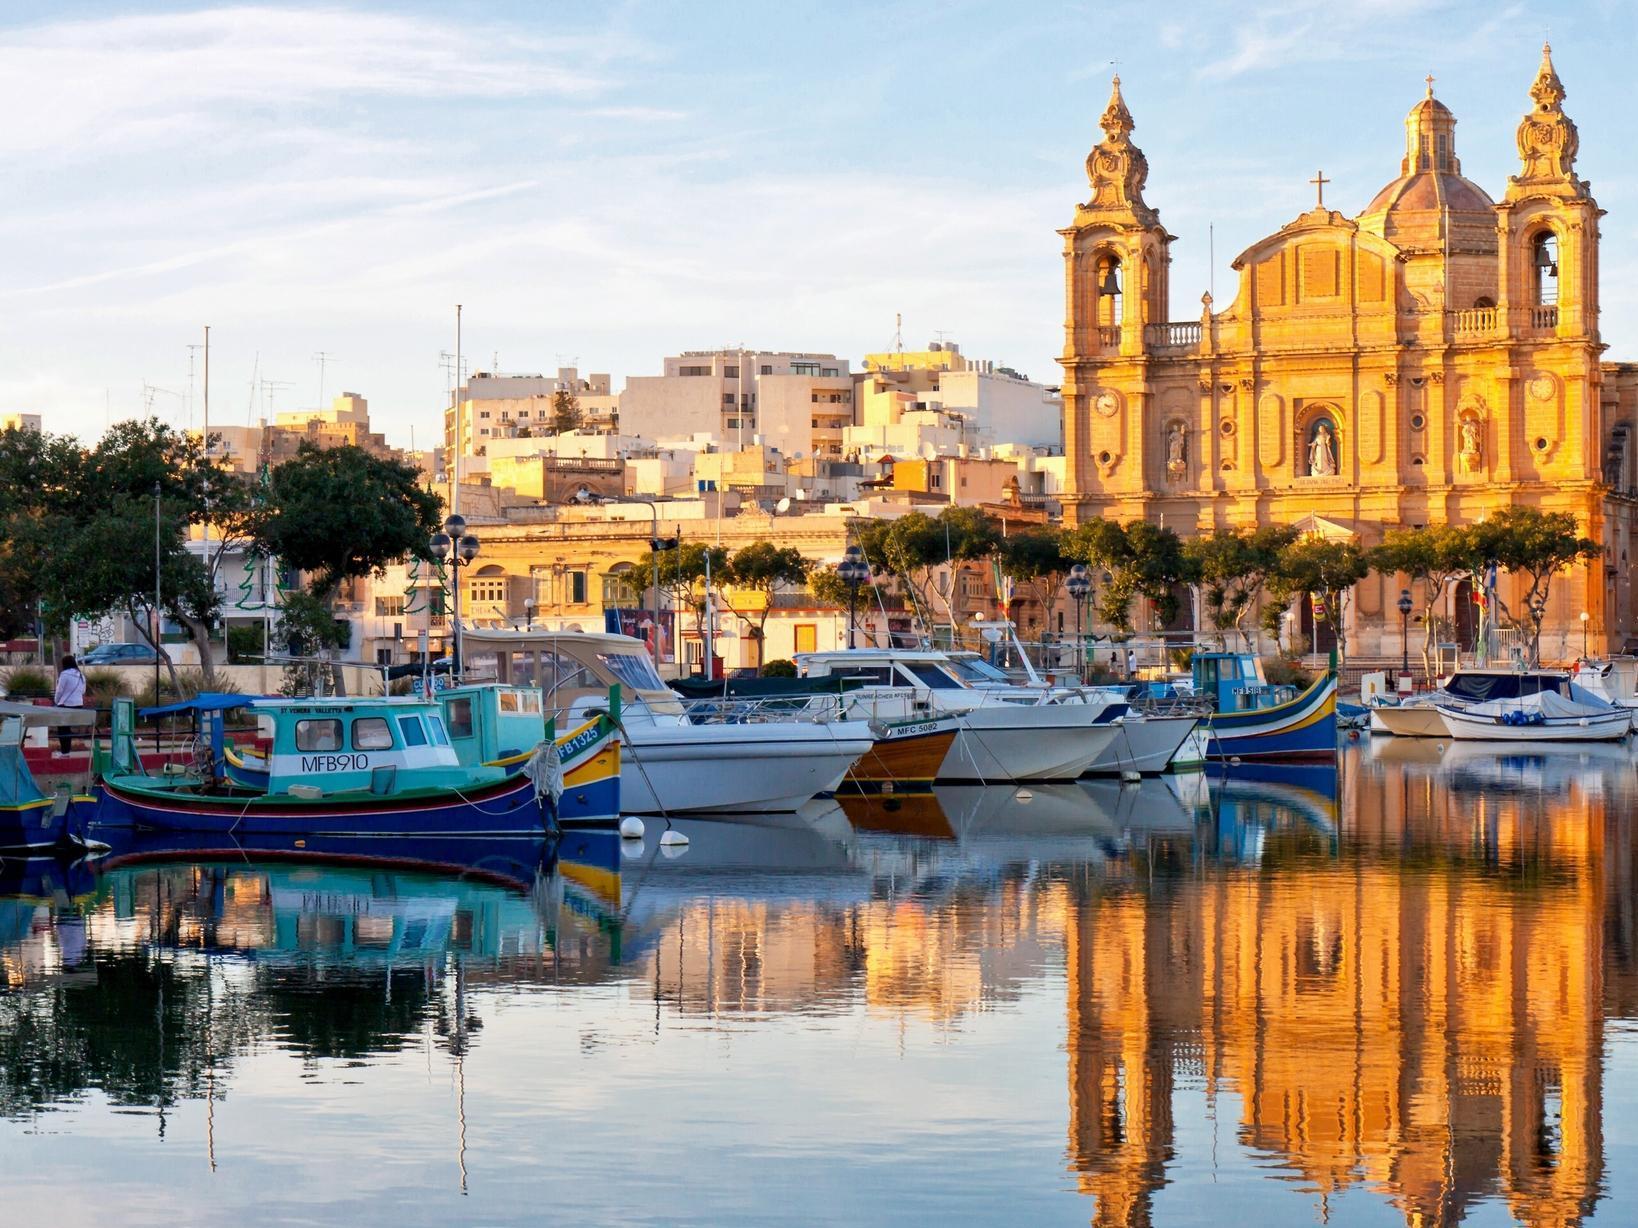 马耳他移民官网可以办理移民吗   移民马耳他有什么好处